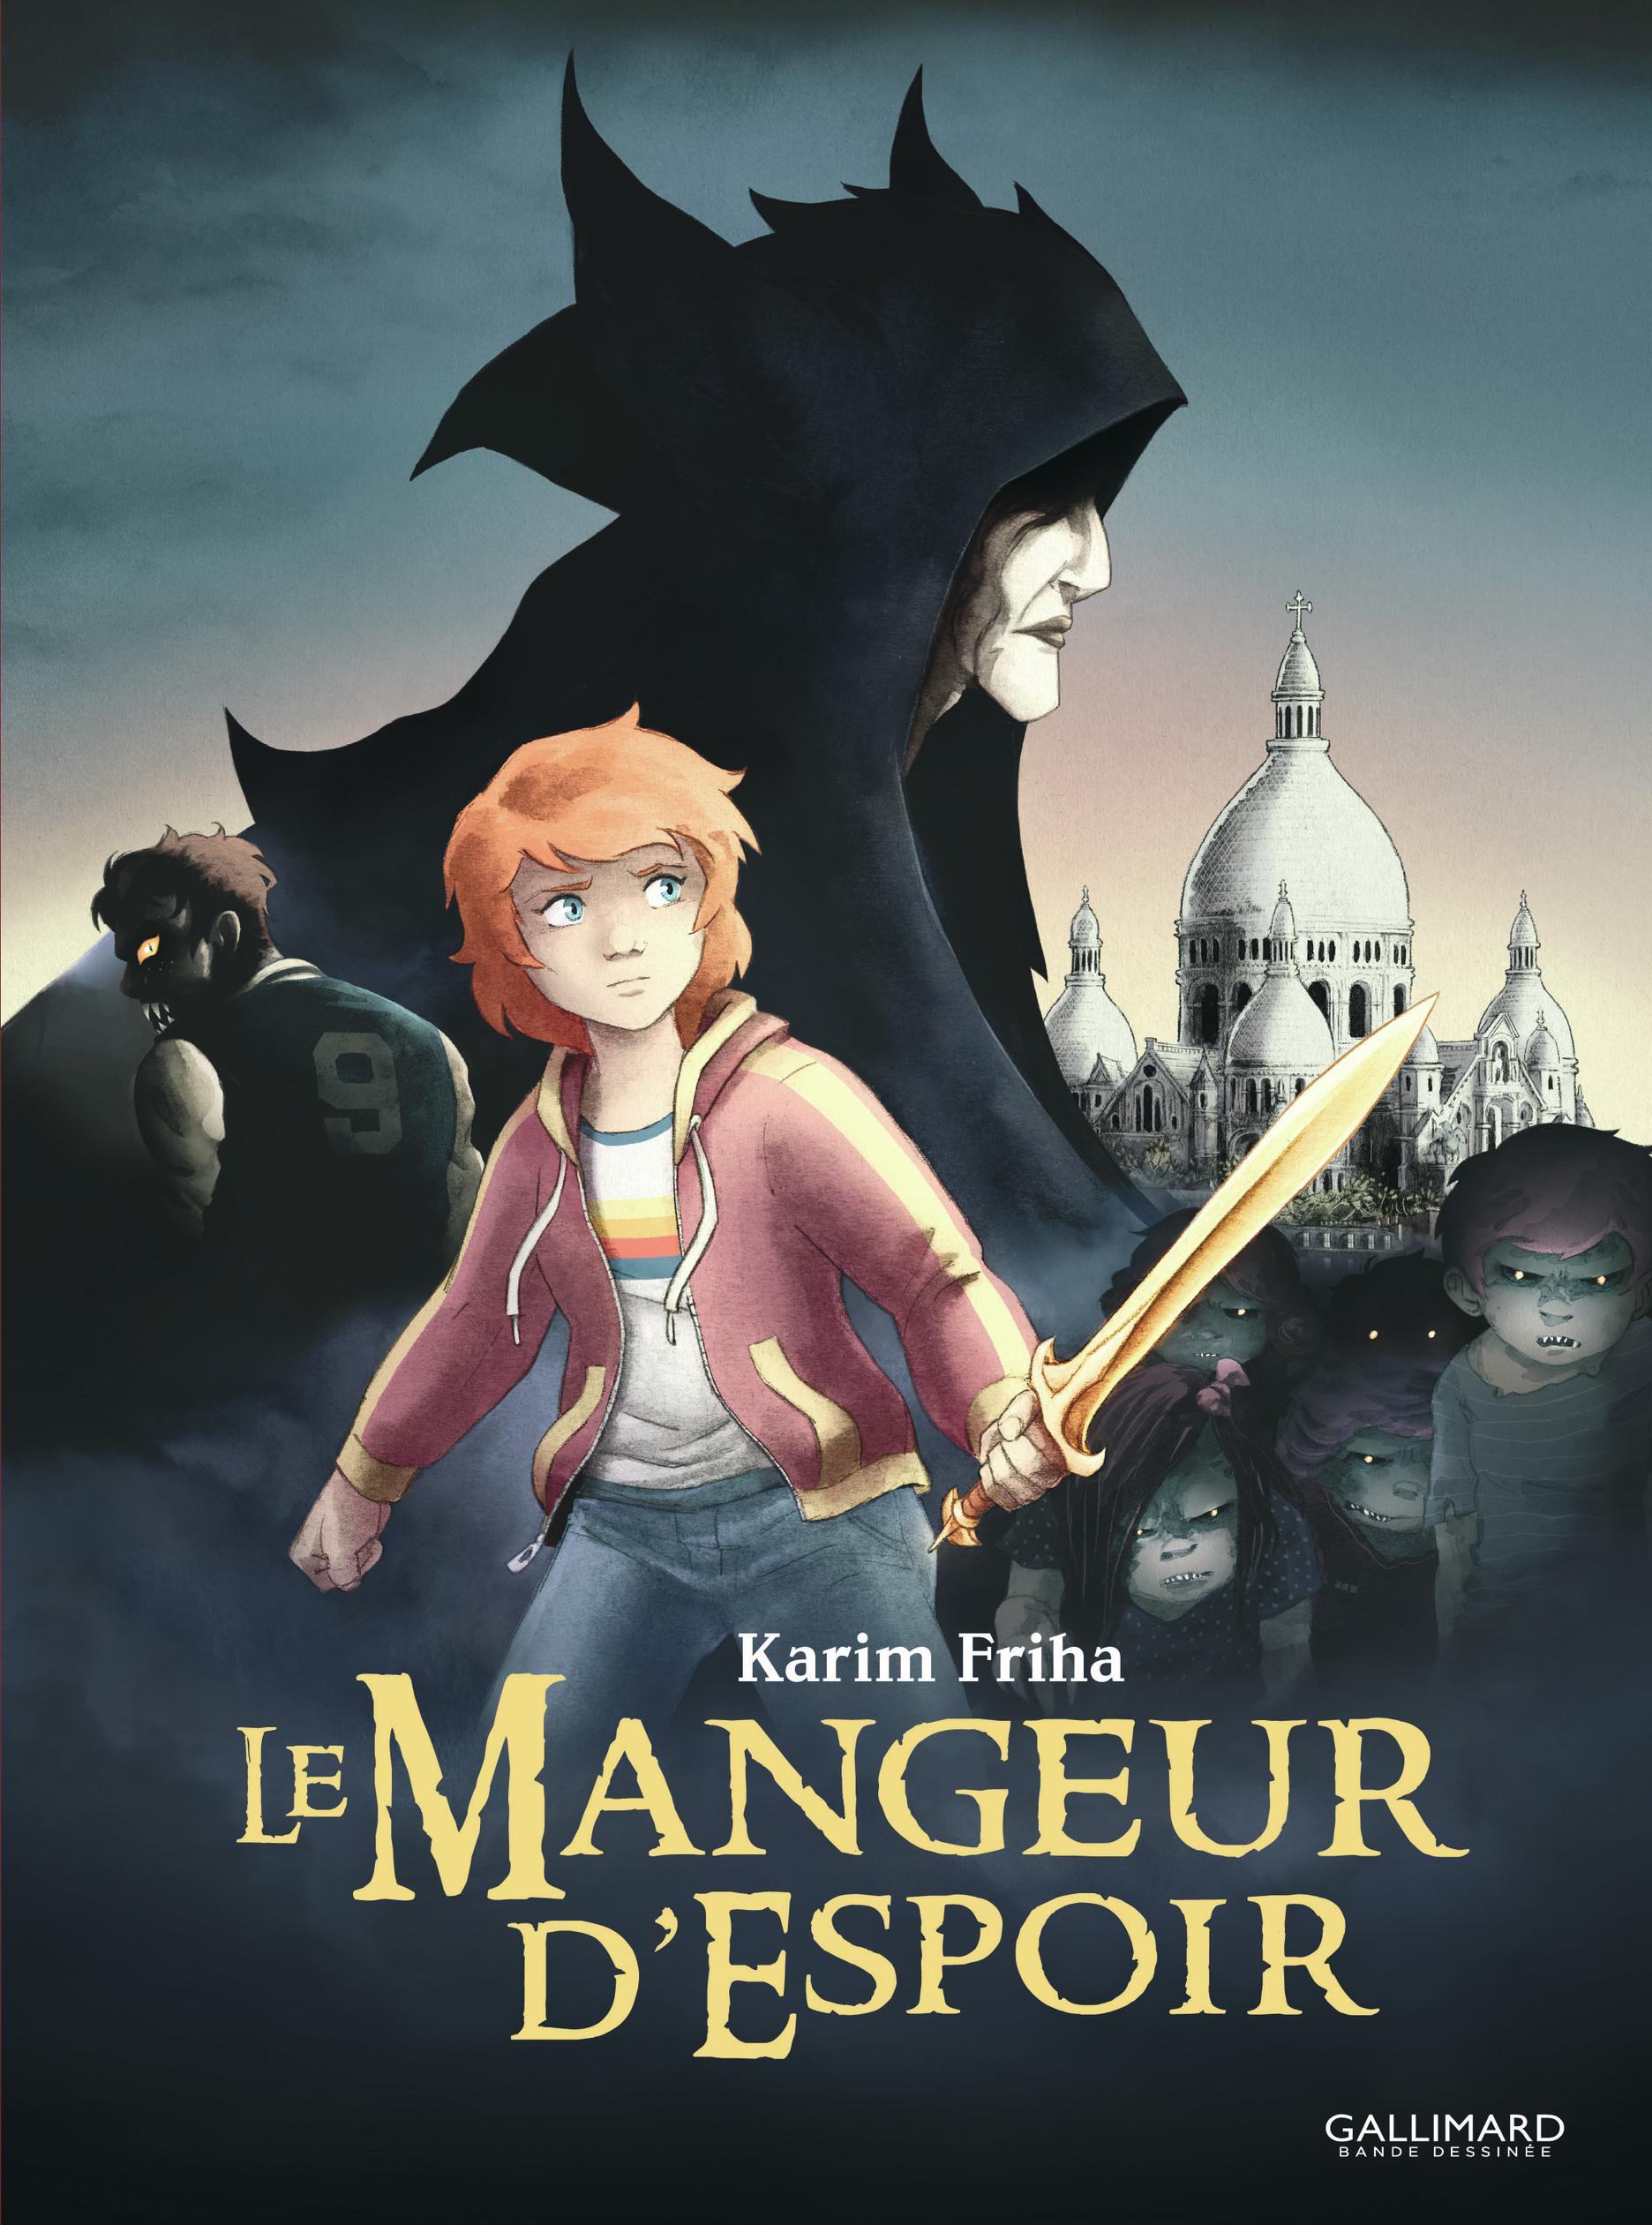 LE MANGEUR D'ESPOIR